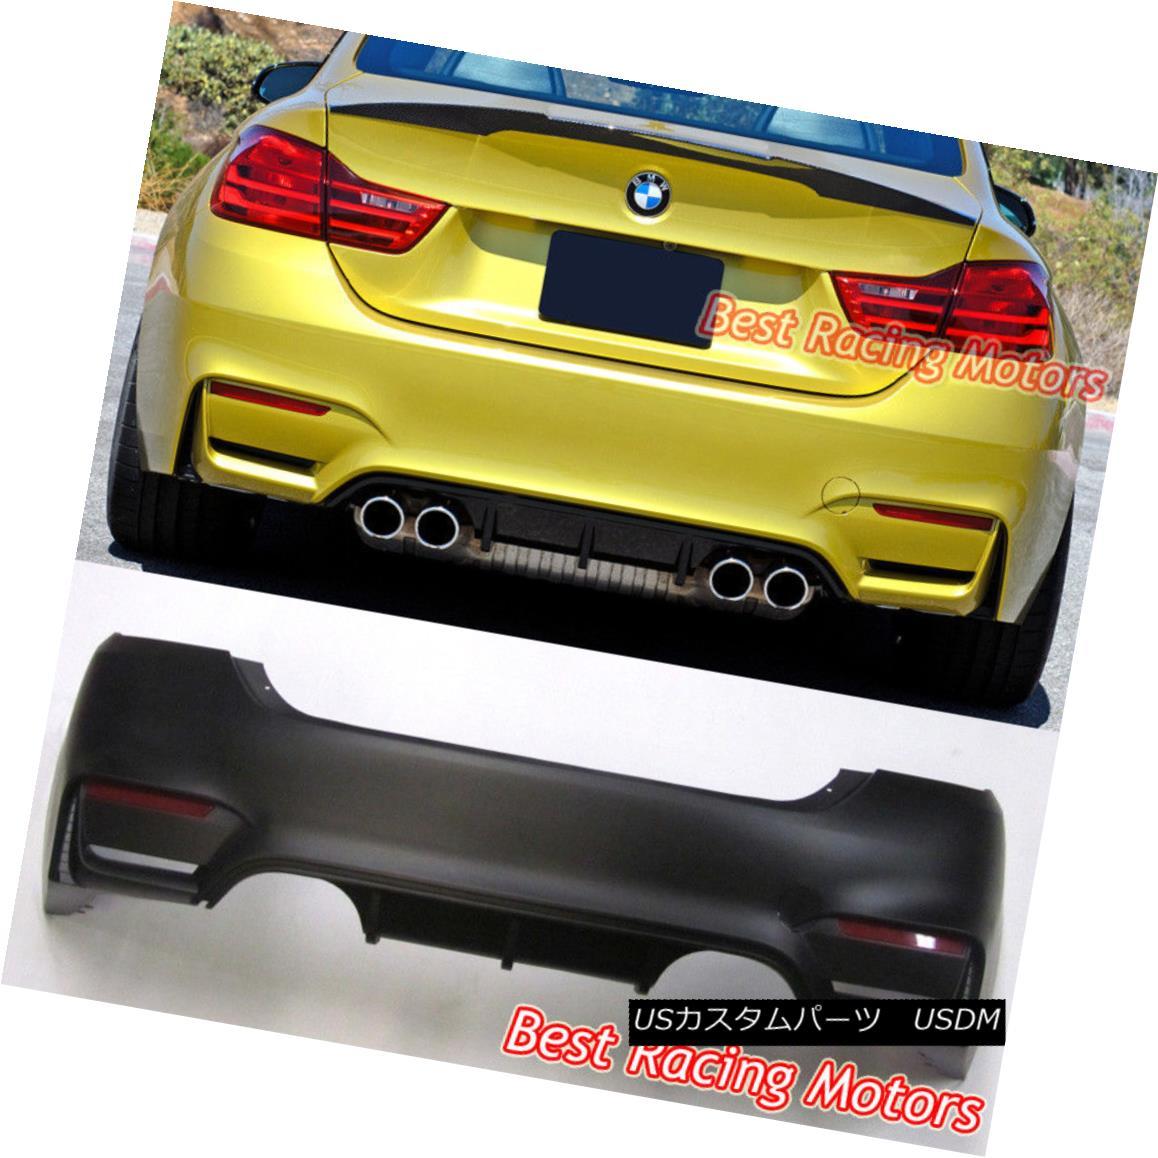 エアロパーツ M4 Style Rear Bumper (2 Outlets) [2 Tips / Outlet] Fit 15-18 BMW F36 Gran Coupe M4スタイルリアバンパー(2アウトレット)[2ヒント/アウトレット]フィット15-18 BMW F36グランクーペ